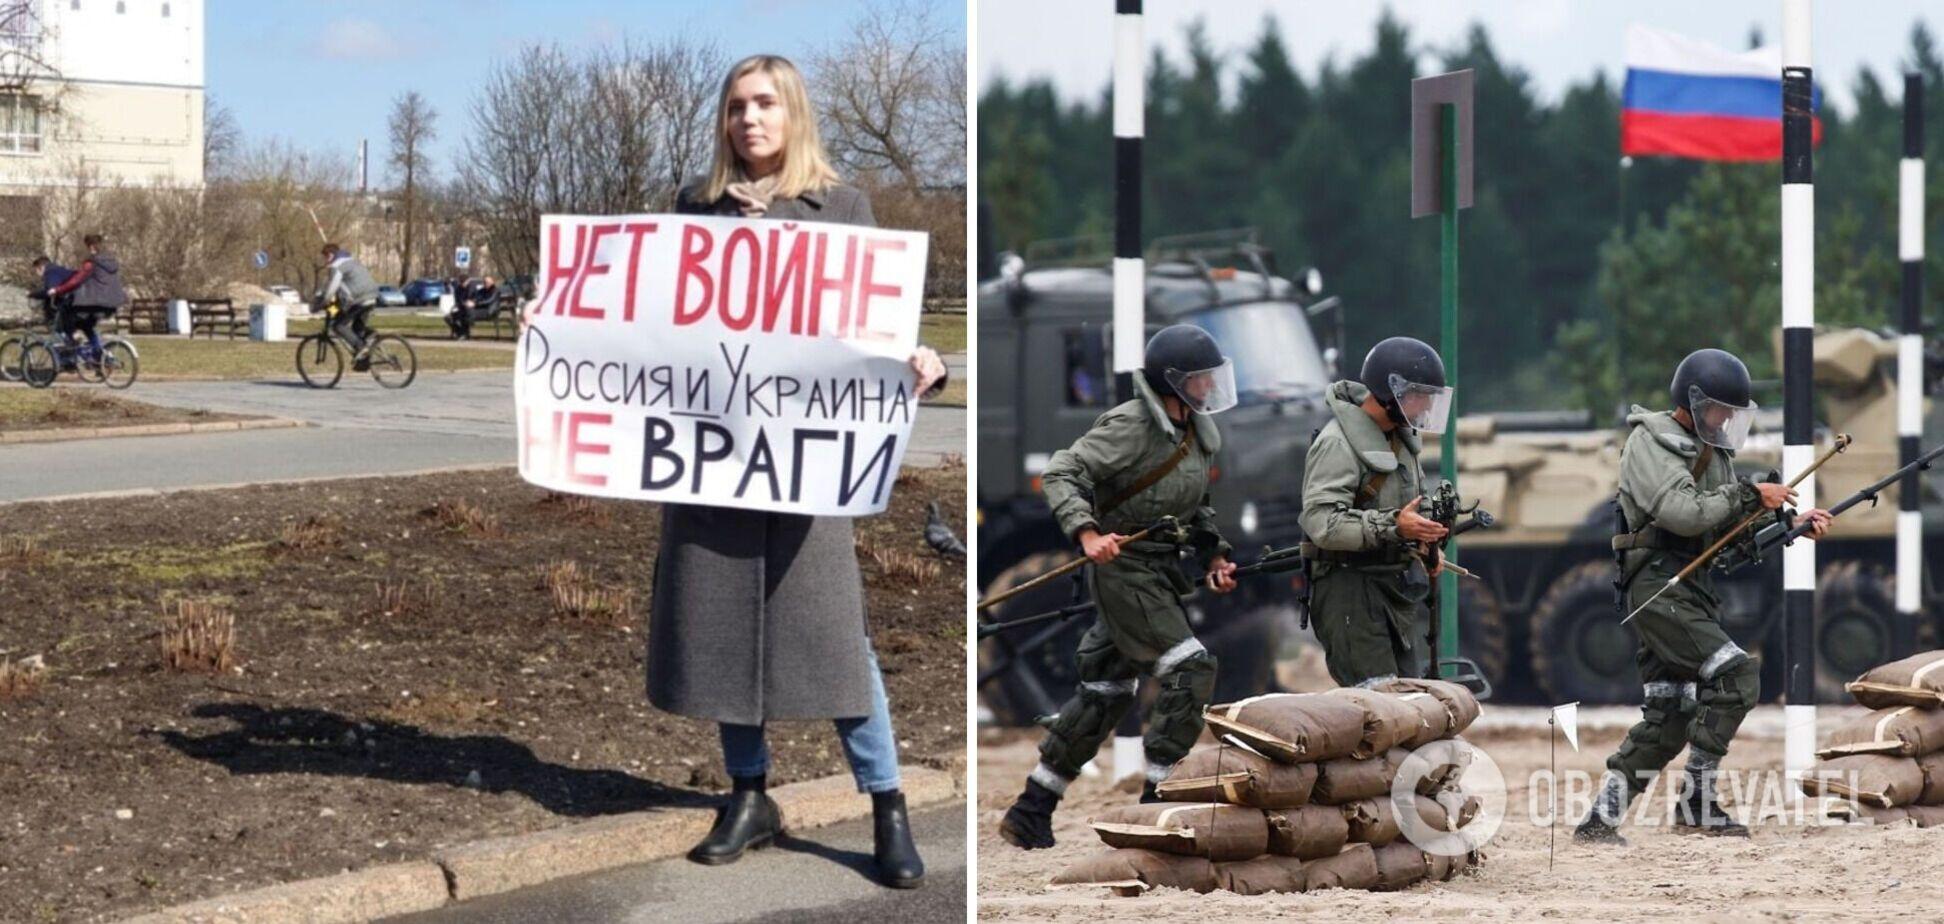 У Росії вчителька вийшла на вулицю з плакатом проти війни на Донбасі. Фото